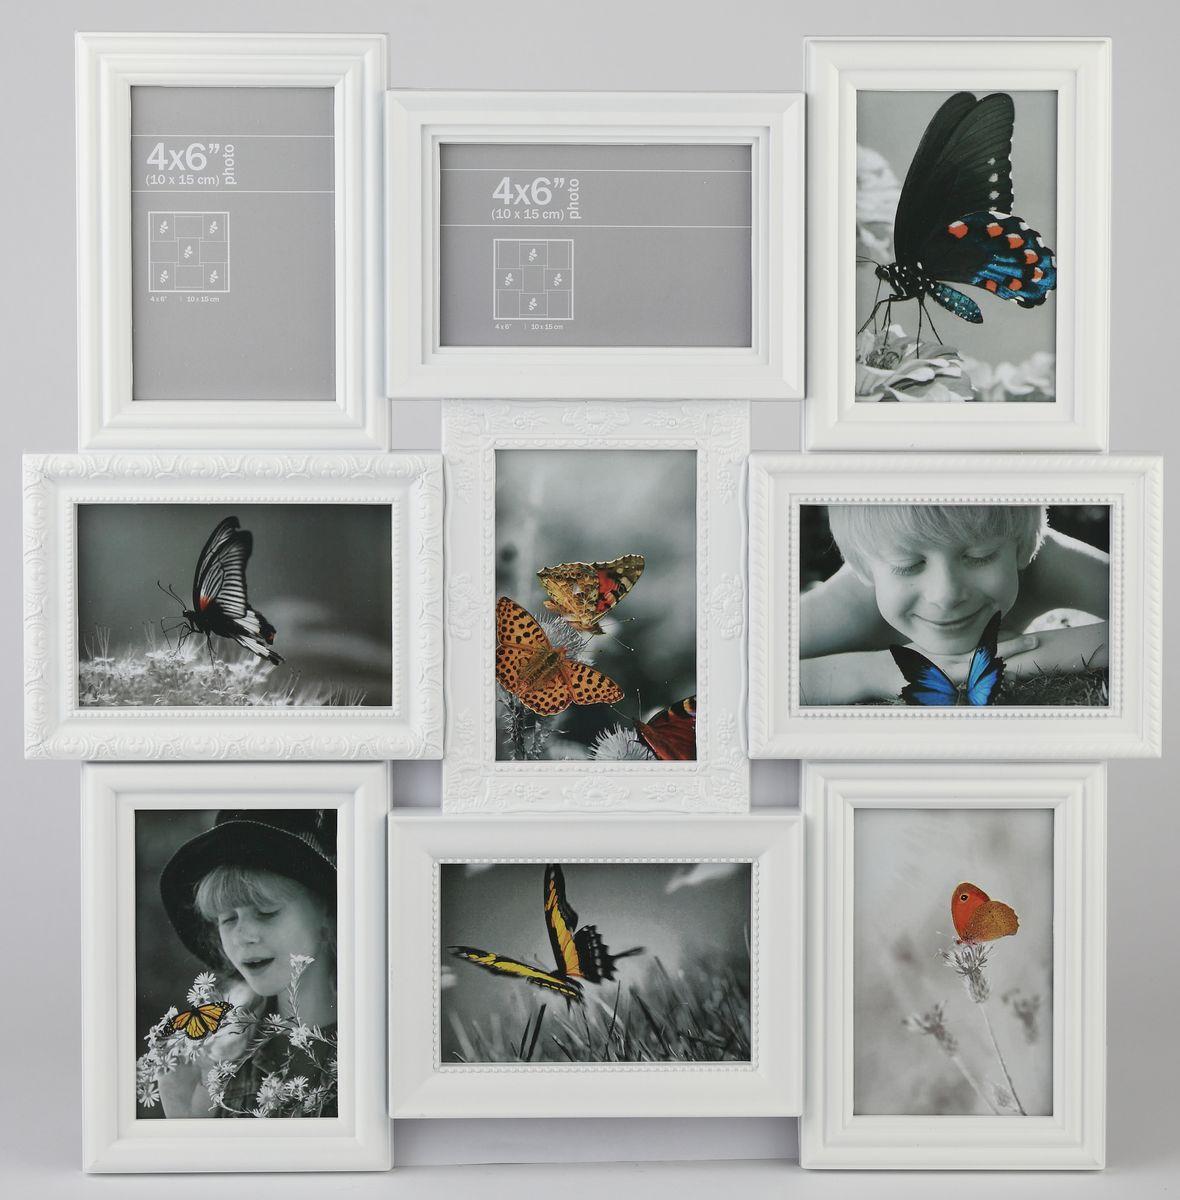 Фоторамка-коллаж Image Art, 9 фото, 10 х 15 смImage Art PL25-9Фоторамка-коллаж Image Art выполнена из прочного пластика. Она состоит из 9 рамок, которые соединены между собой и каждая из которых защищена стеклом. Рамку можно повесит на стену. Такая рамка не только позволит сохранить на память изображения дорогих вам людей и интересных событий вашей жизни, но и стильно украсит интерьер помещения. Общий размер рамки: 53 х 53 см.Размер фотографий: 10 х 15 см.